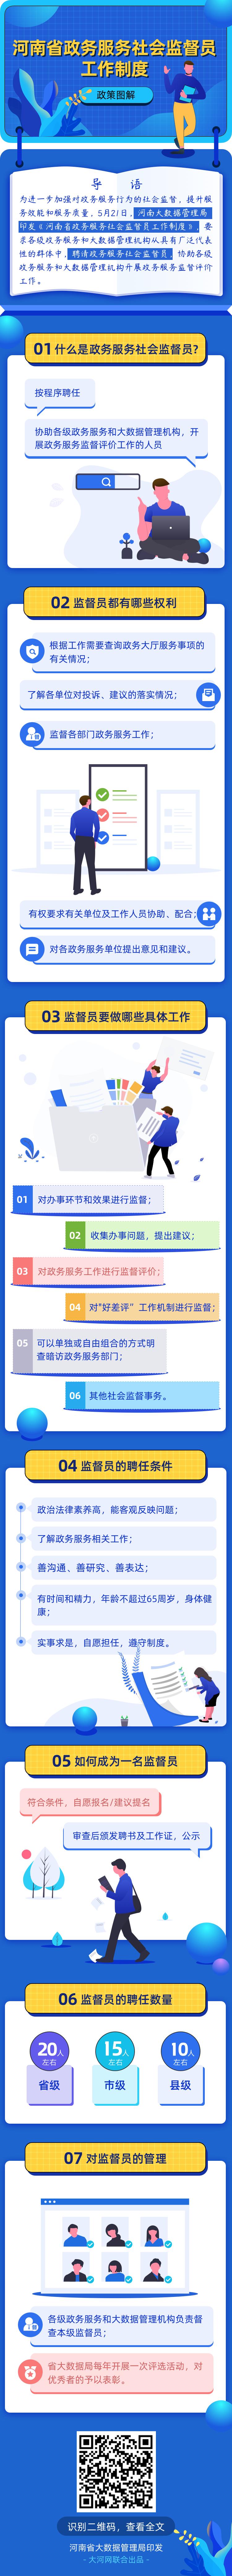 图解:河南公开聘任政务服务社会监督员 详情看这里